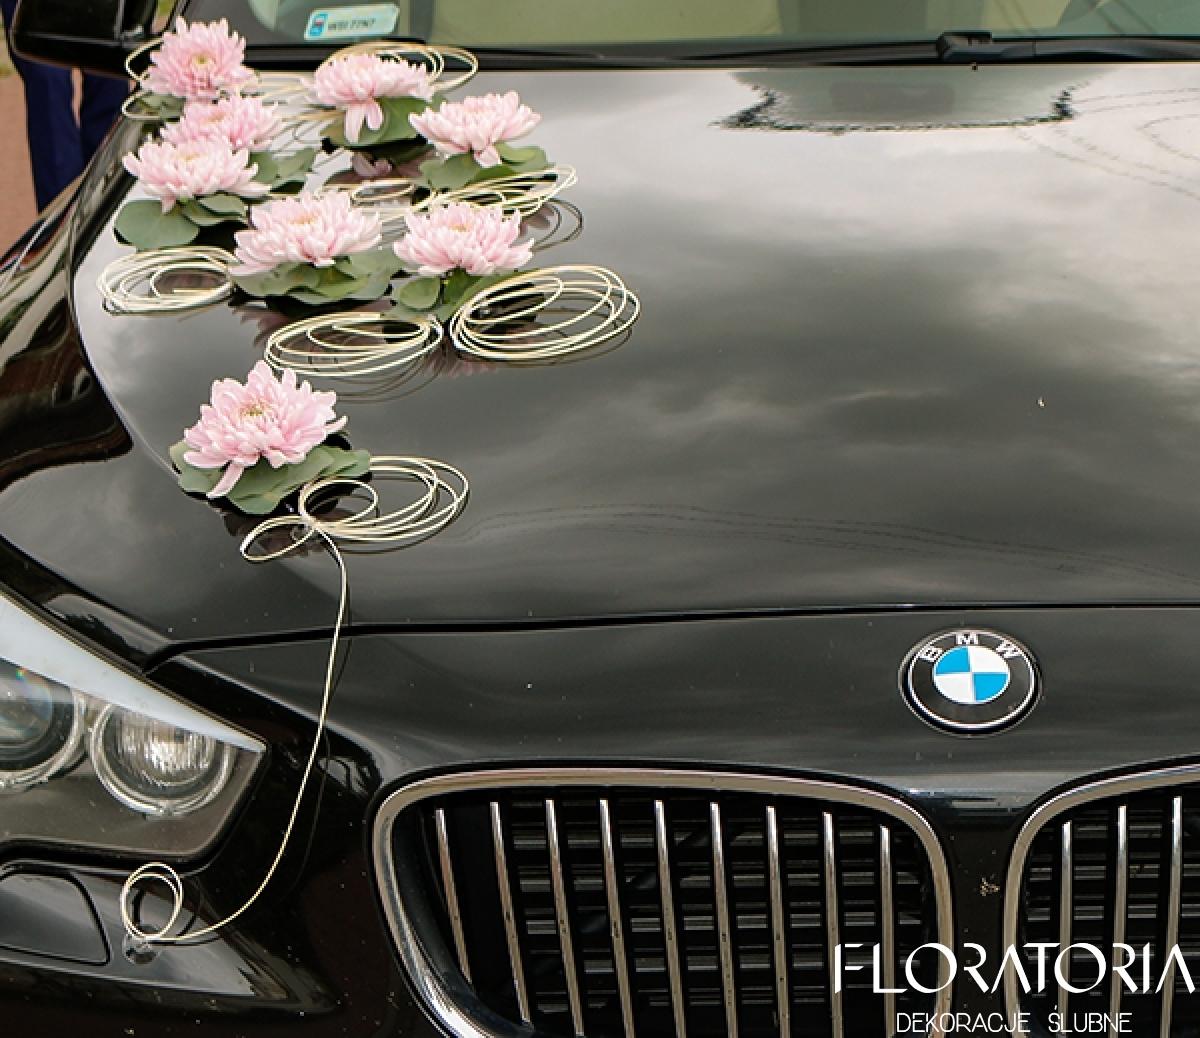 Bardzo dobryFantastyczny Dekoracja samochodu do ślubu warszawa - stylowe dekoracje samochodu UH16